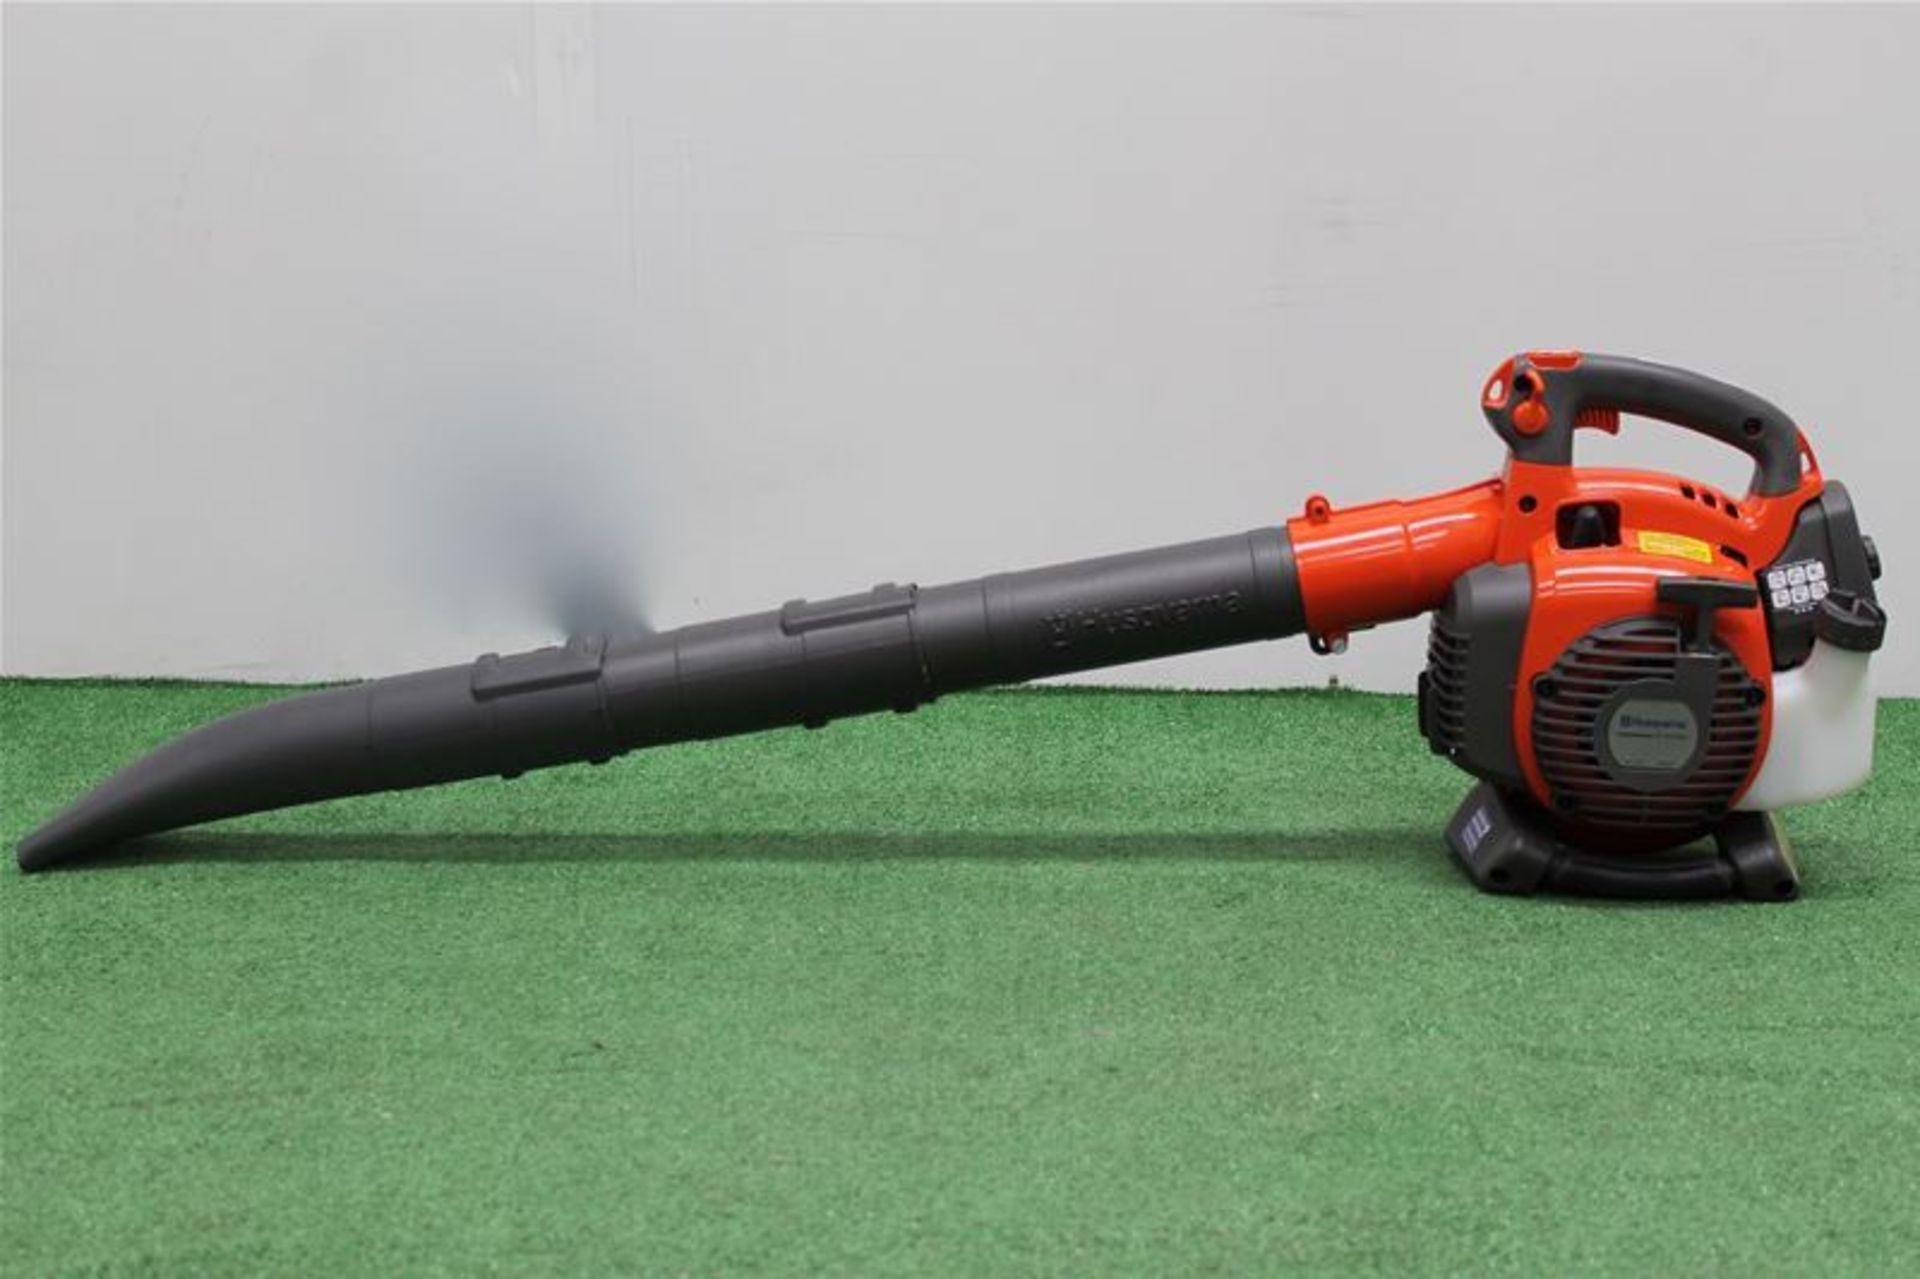 Lot 17 - Husqvarna Petrol Blower/Vac 28cc